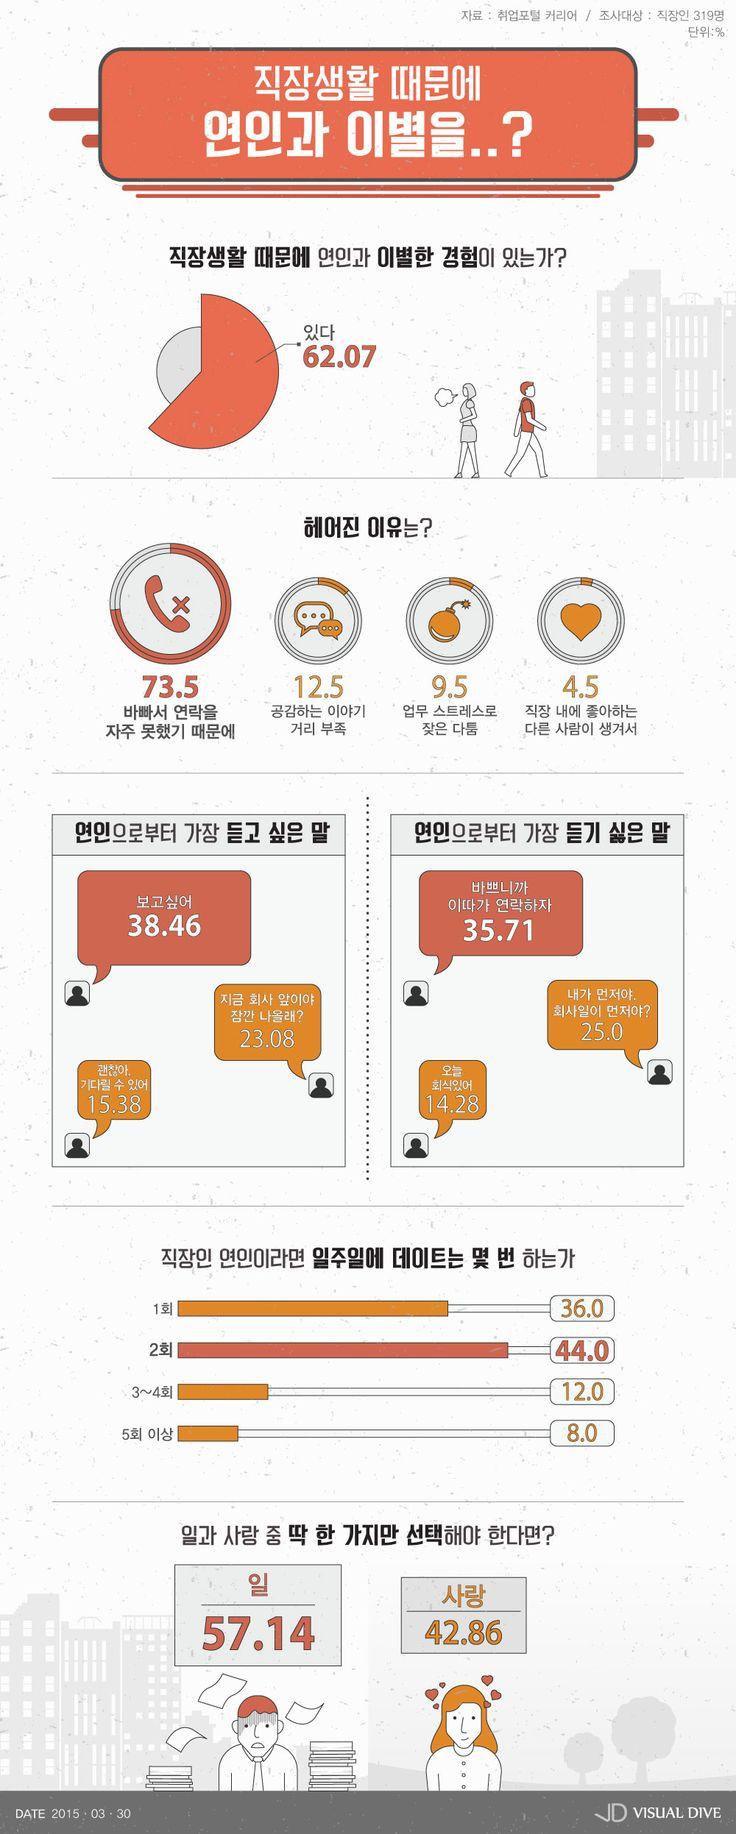 """직장인 60% 이상 """"바쁜 직장생활 때문에 이별한 적 있다"""" [인포그래픽] #parting / #Infographic ⓒ 비주얼다이브 무단 복사·전재·재배포 금지"""